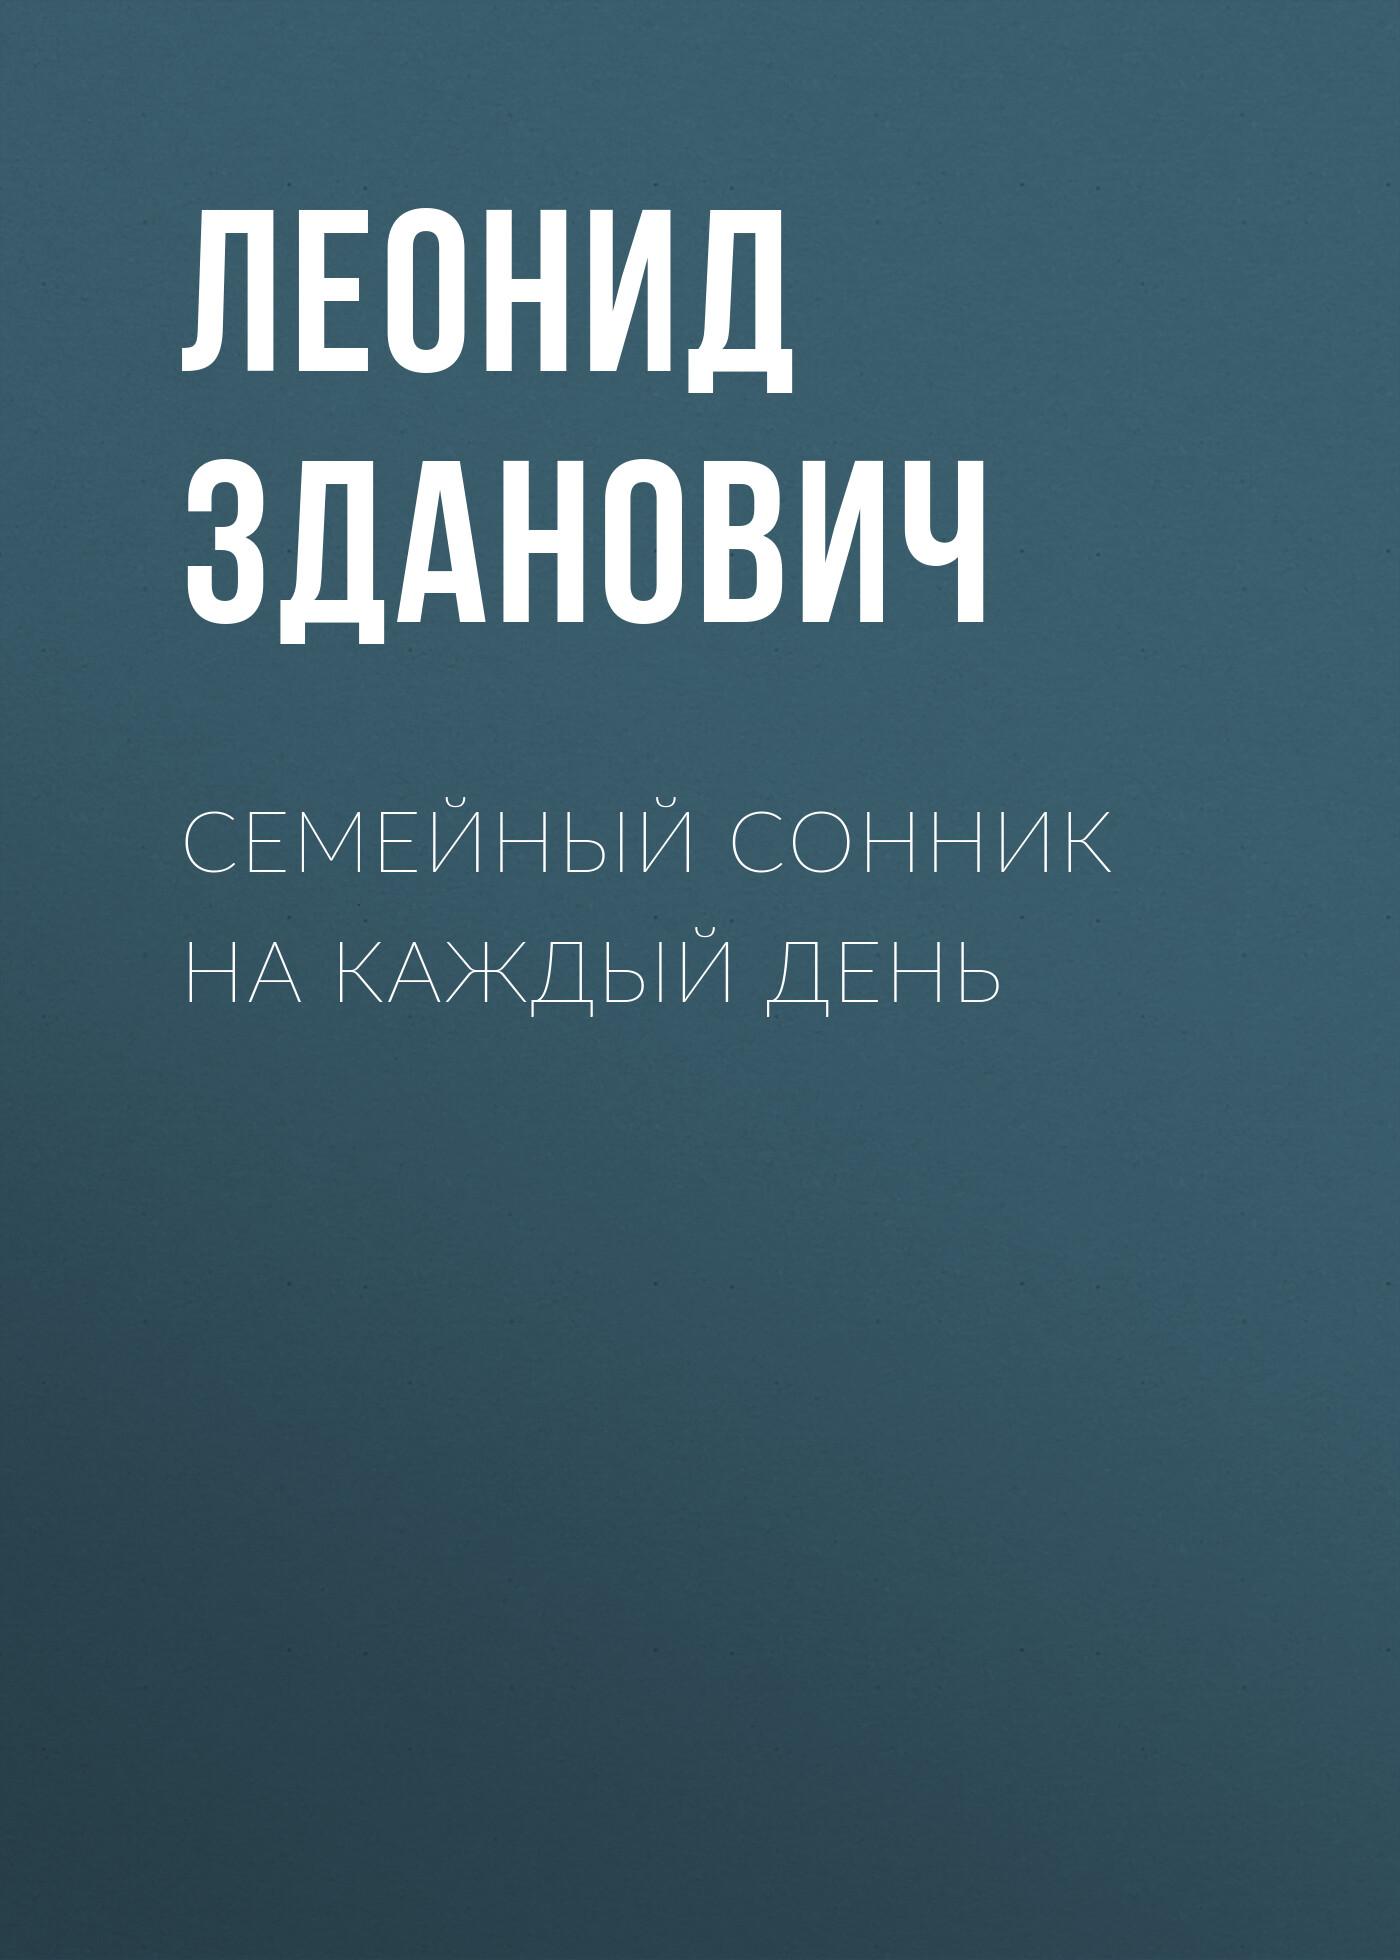 Леонид Зданович Семейный сонник на каждый день романова алена полный семейный сонник на каждый день 12 в 1